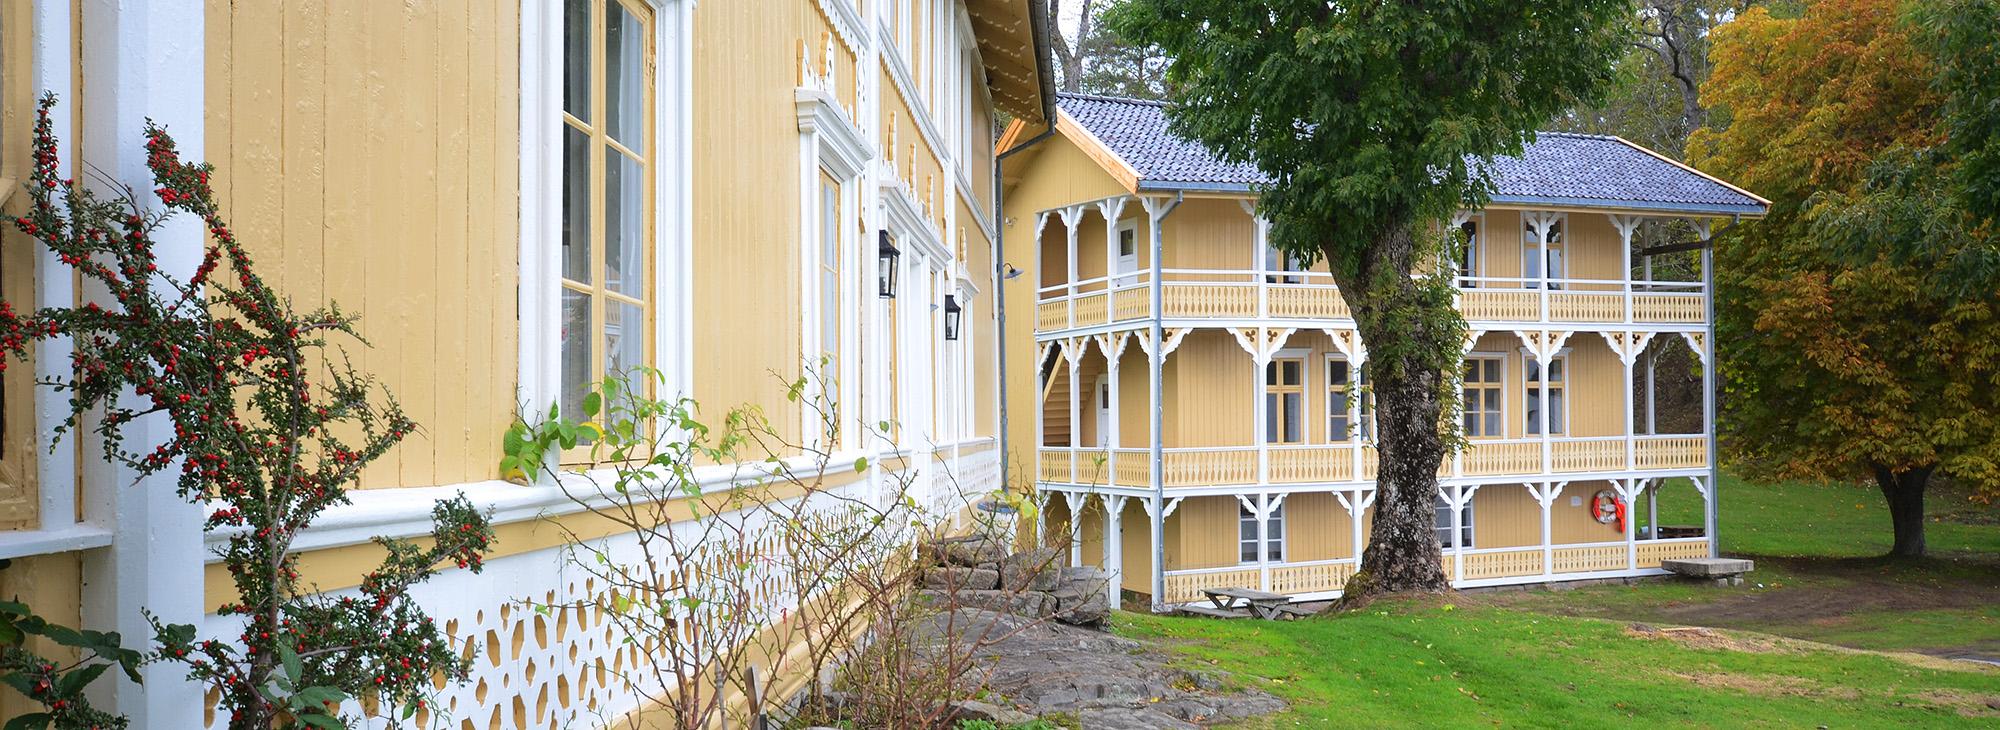 Gjestehuset er ferdig restaurert utvendig, og nå venter et omfattende dugnadsarbeid innvendig for å gjøre gjestehuset klart til å ta imot overnattingsgjester. Foto: Øivind Berg